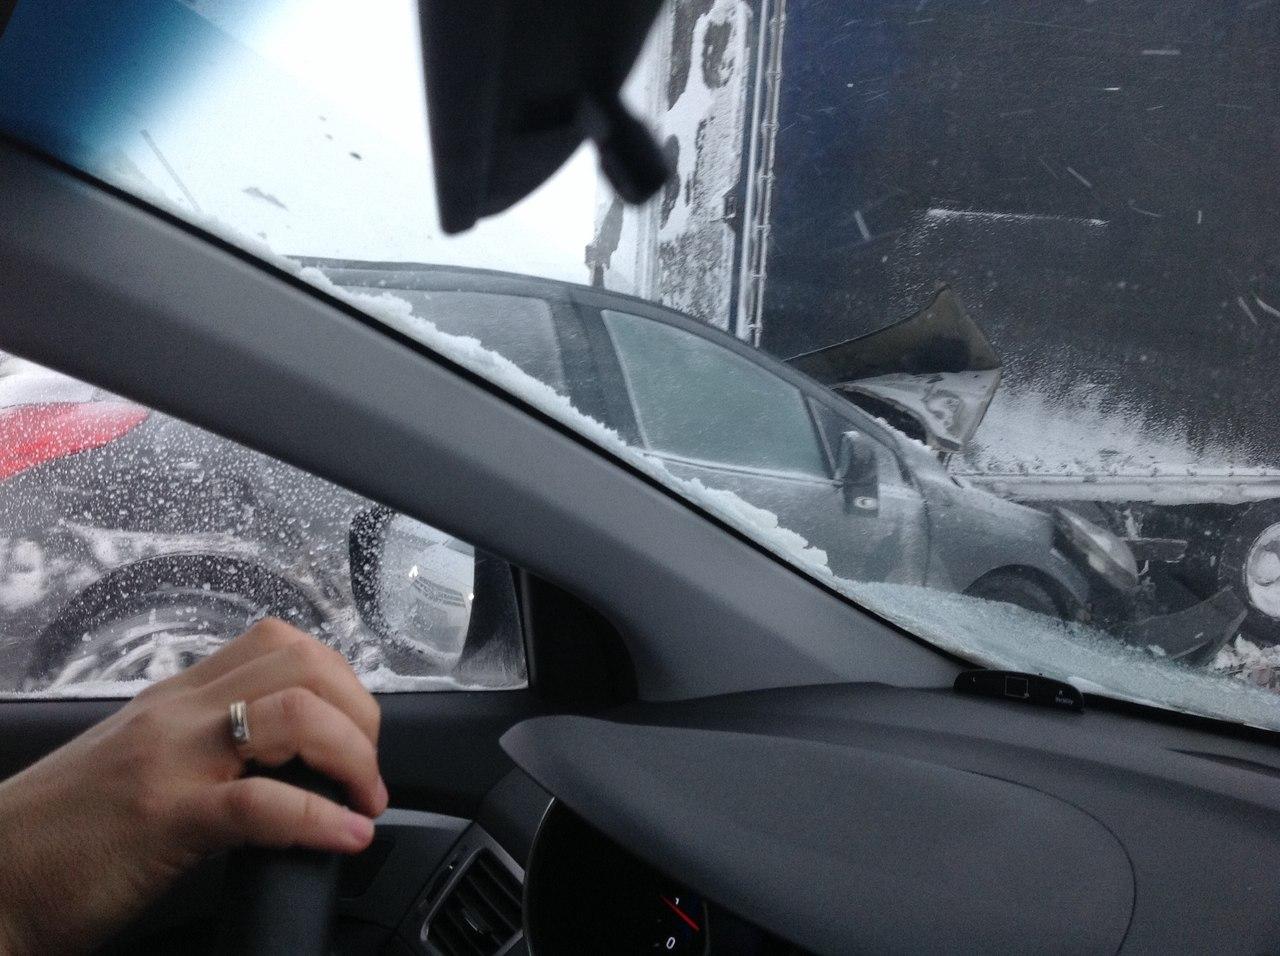 ДТП авария пробка в районе 600 км трассы М4 Дон Воронежская область 30.12.2014